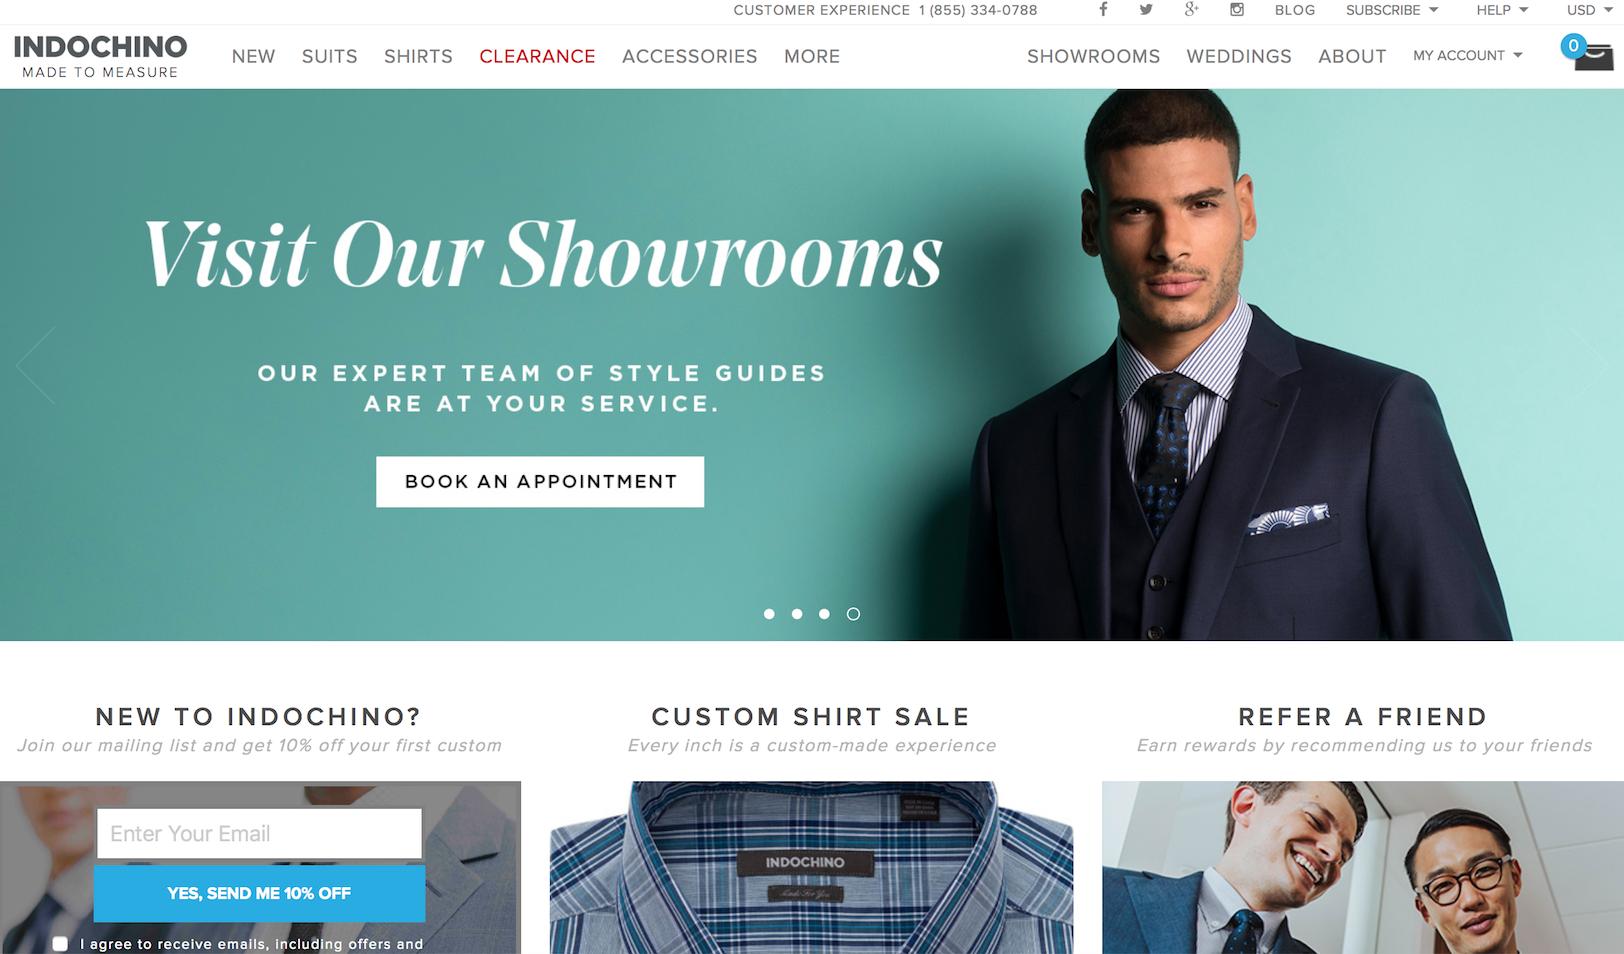 互联网定制男装品牌 Indochino 获日本三井集团战略投资